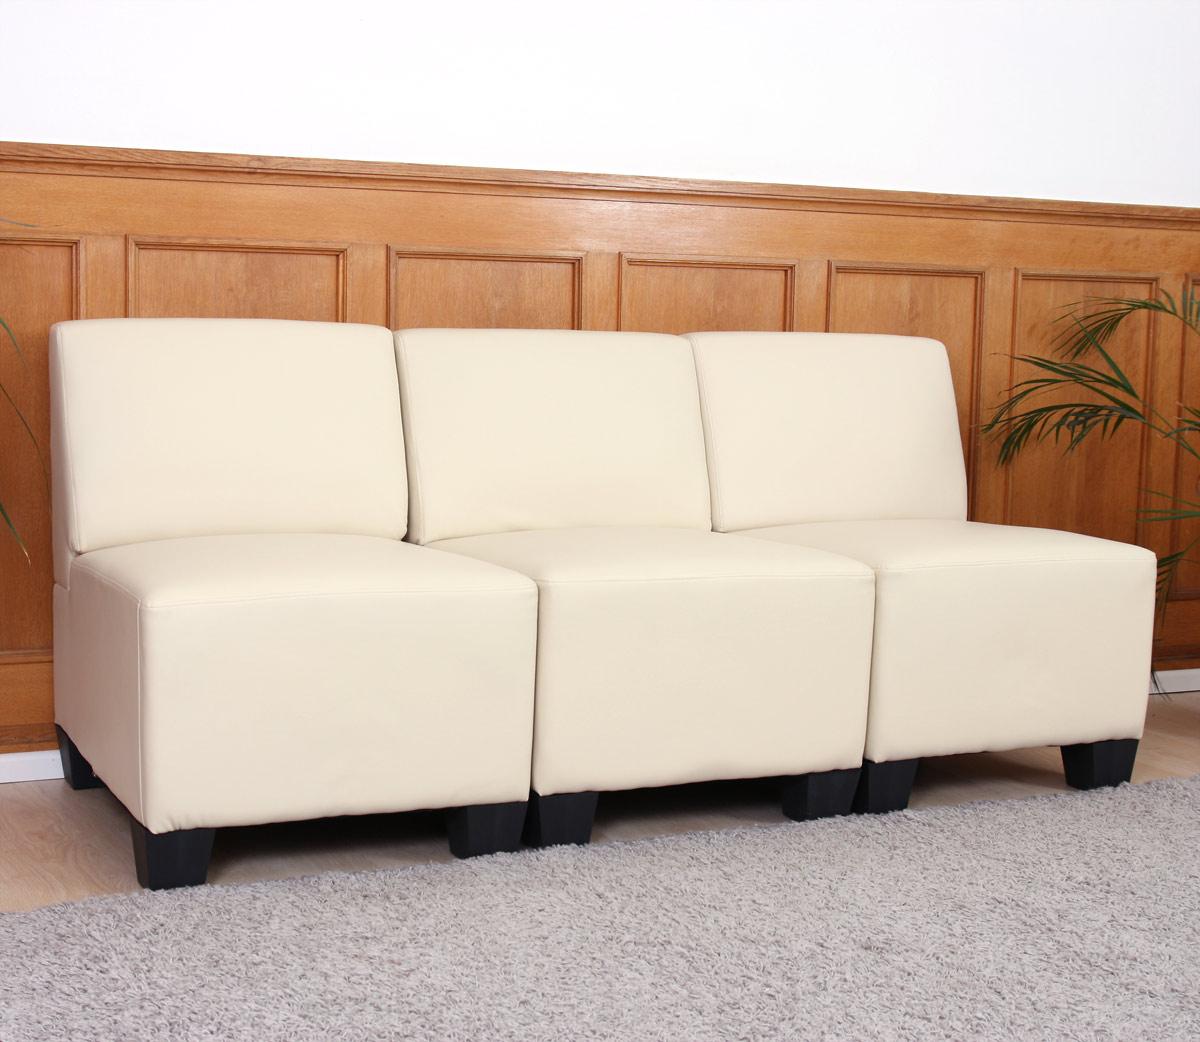 Modular 3 Sitzer Sofa Couch Lyon Kunstleder Ohne Armlehnen Creme